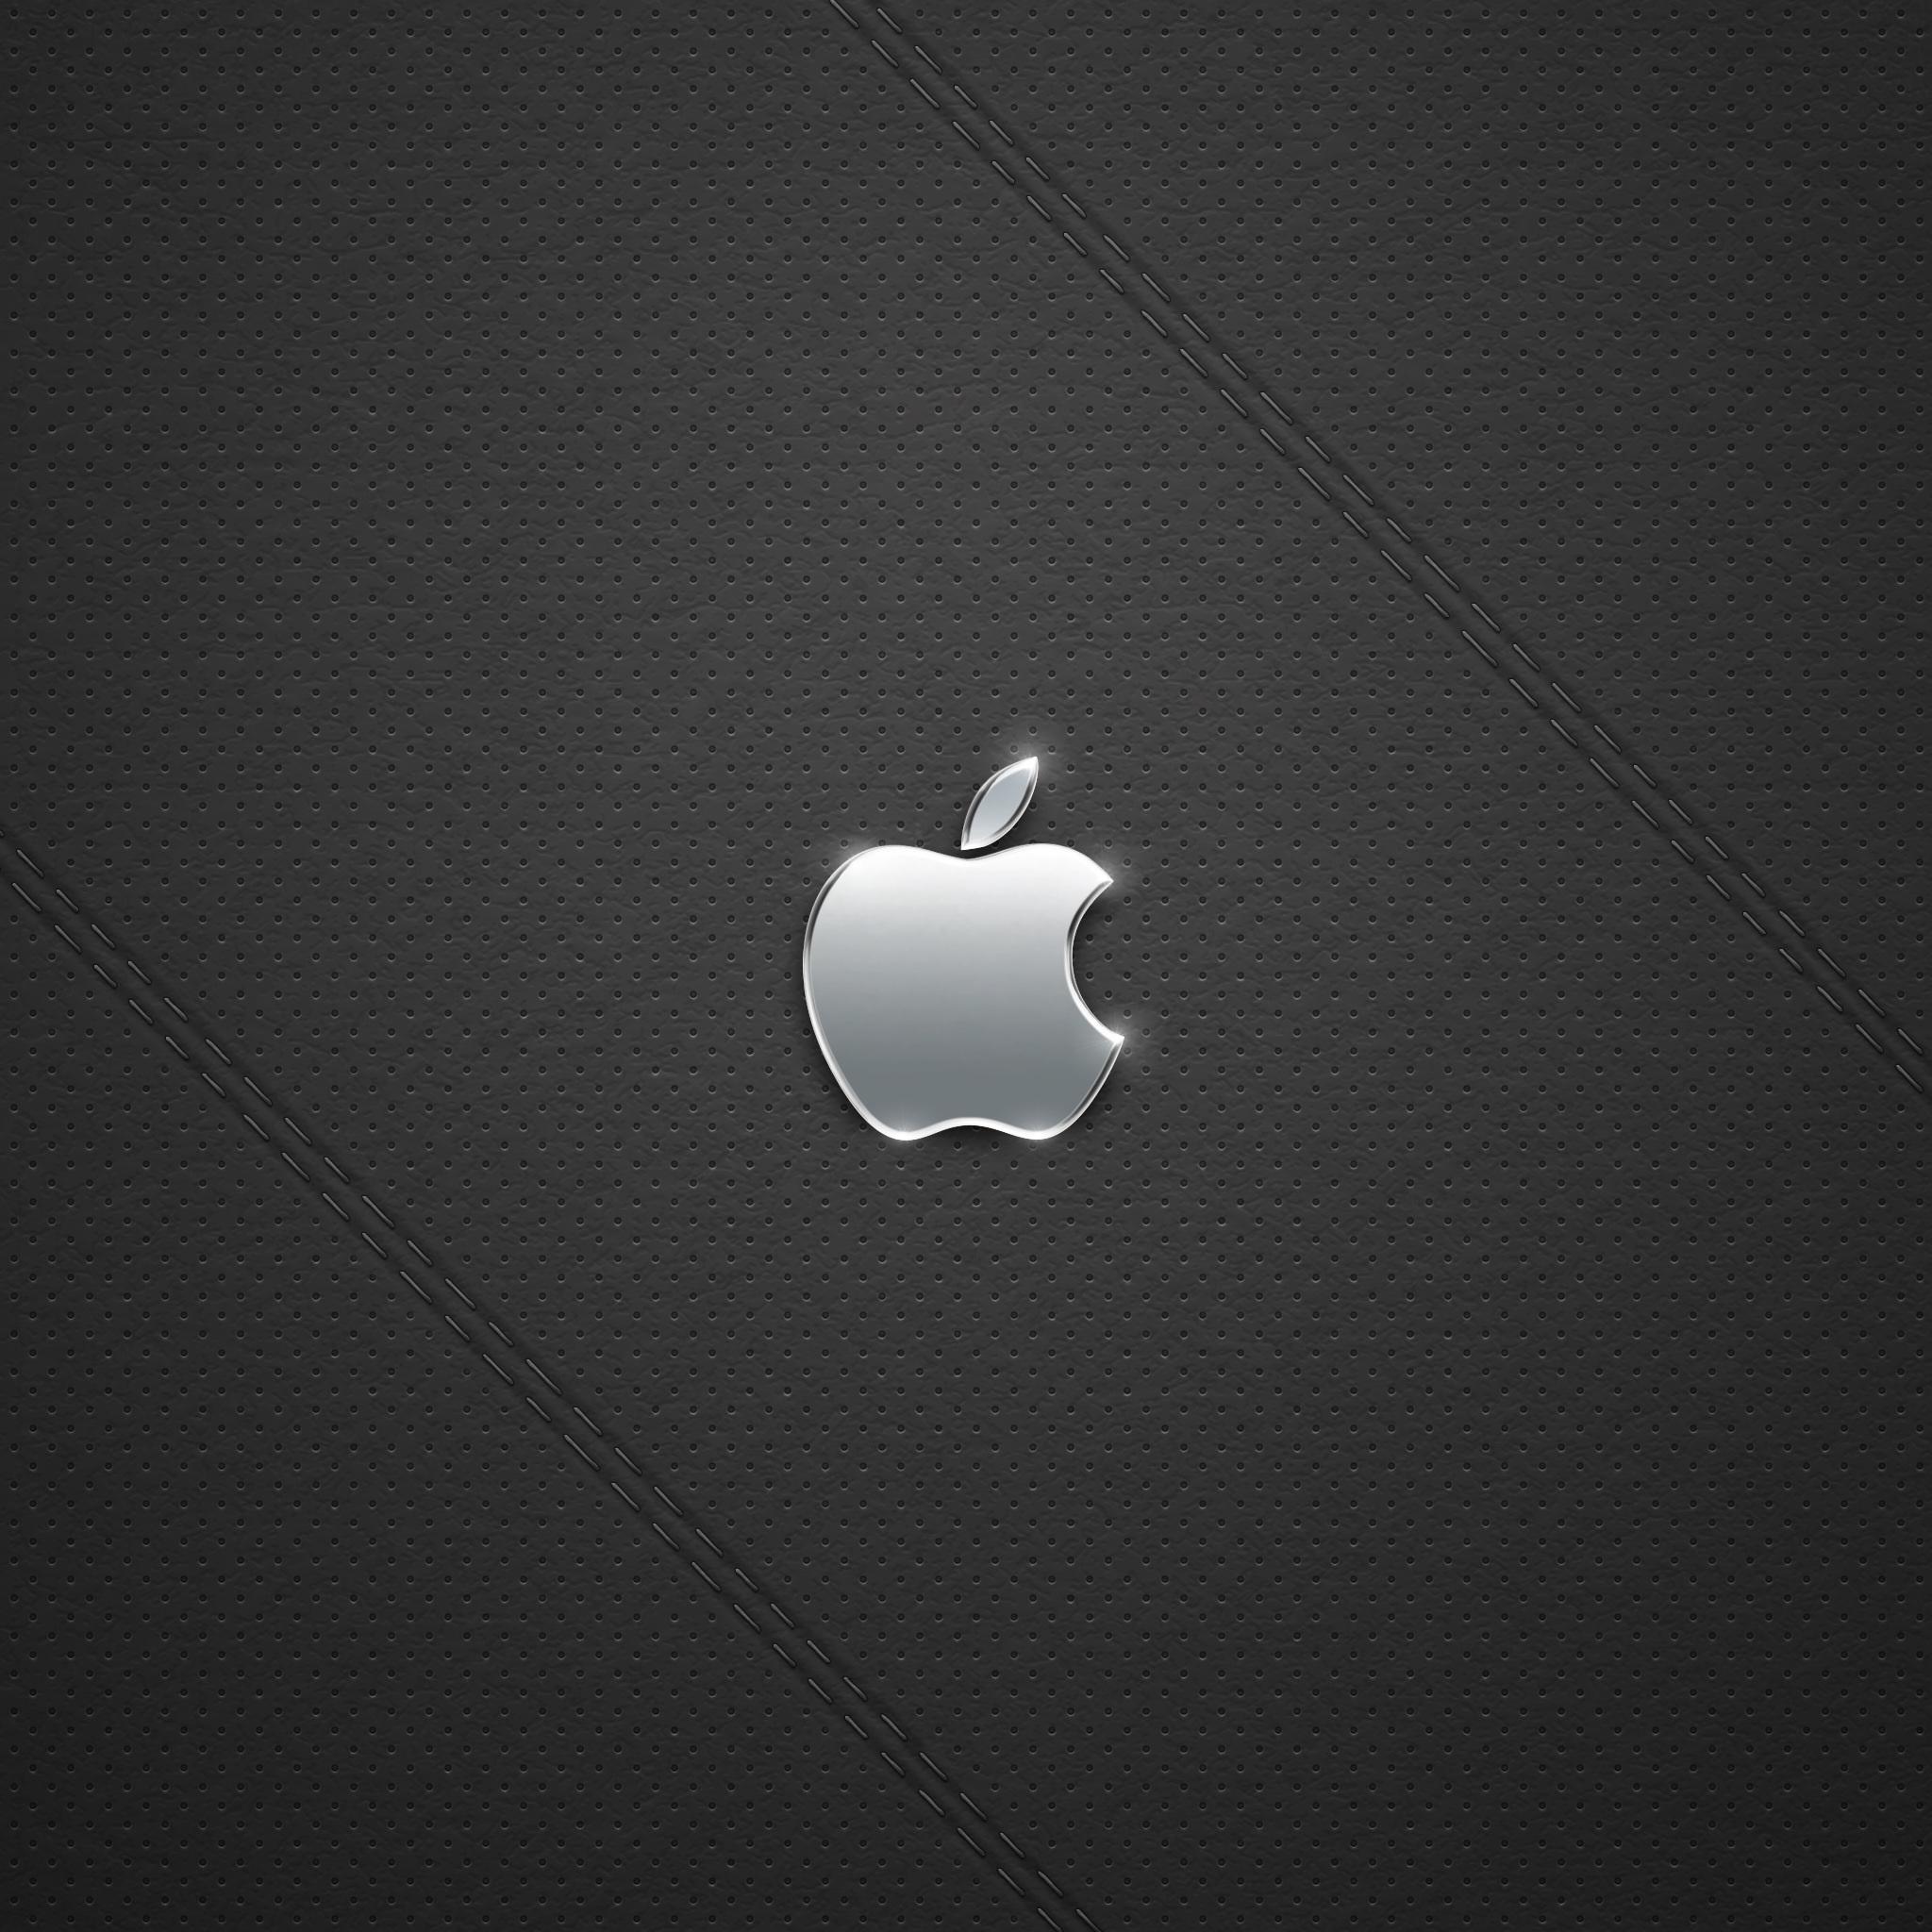 苹果标志,苹果